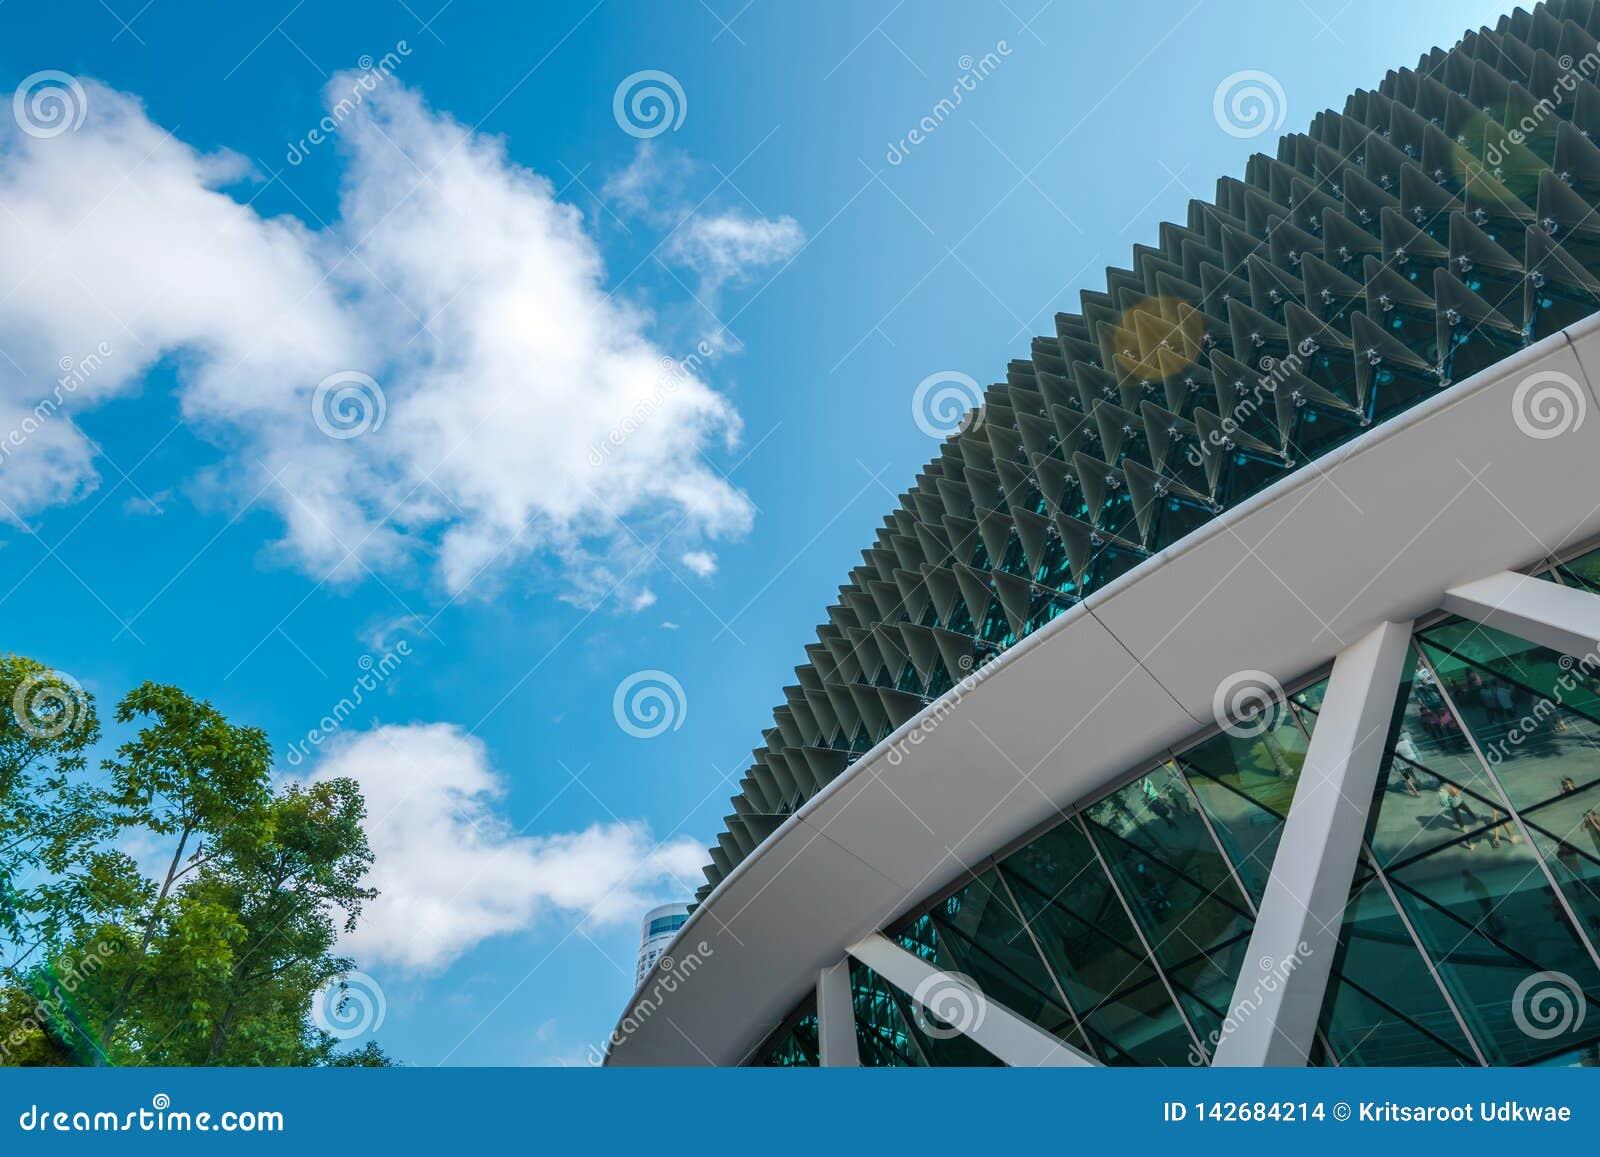 Близкий поднимающий вверх взгляд эспланады здания